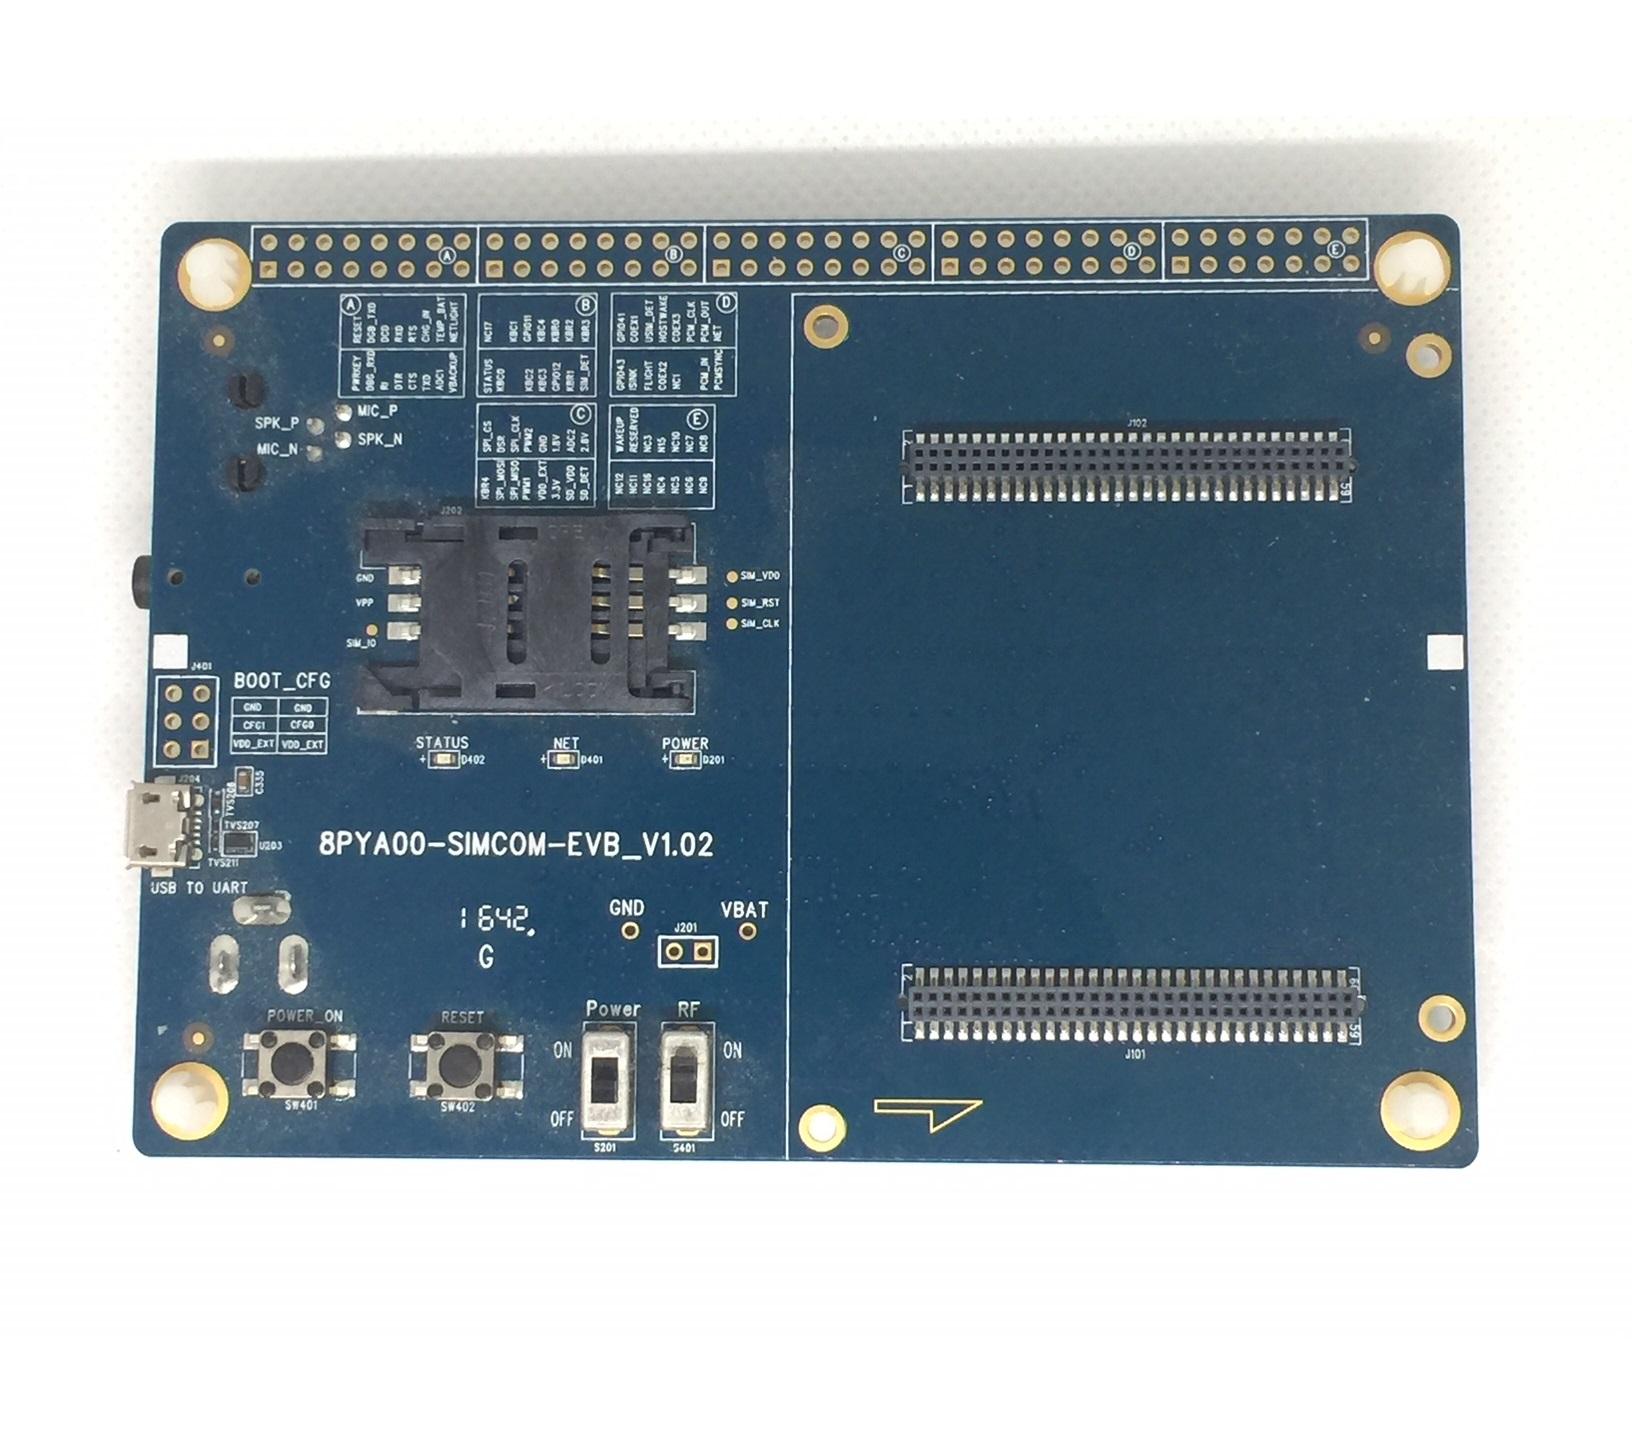 herramientas-desarrollo/kits-placas-desarrollo/simcom/evb-kit-smm.jpg